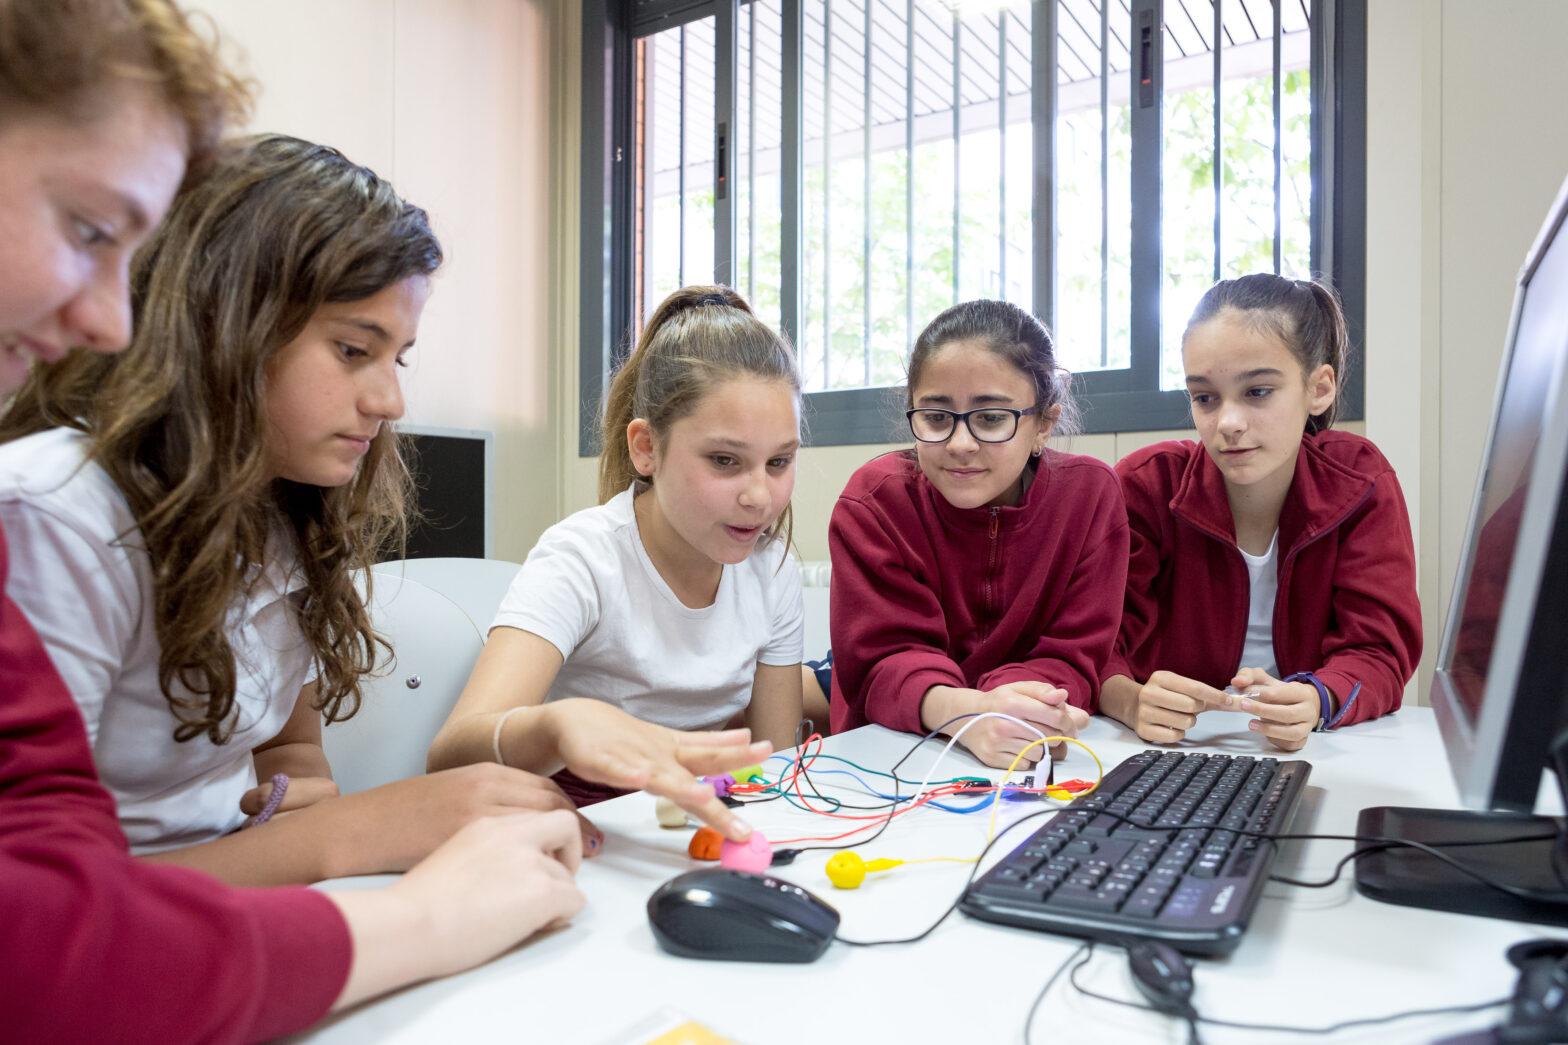 Ciencia y tecnología en la educación